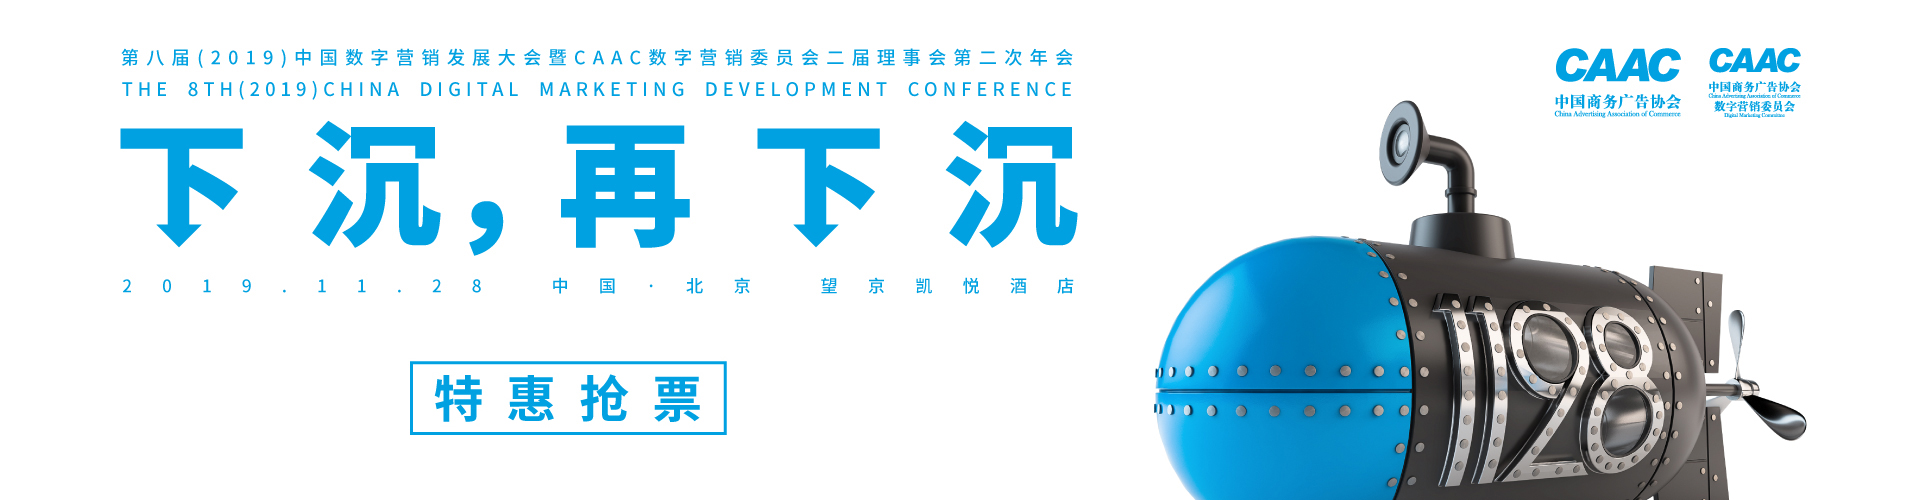 2019中国数字营销发展大会【下沉,再下沉】